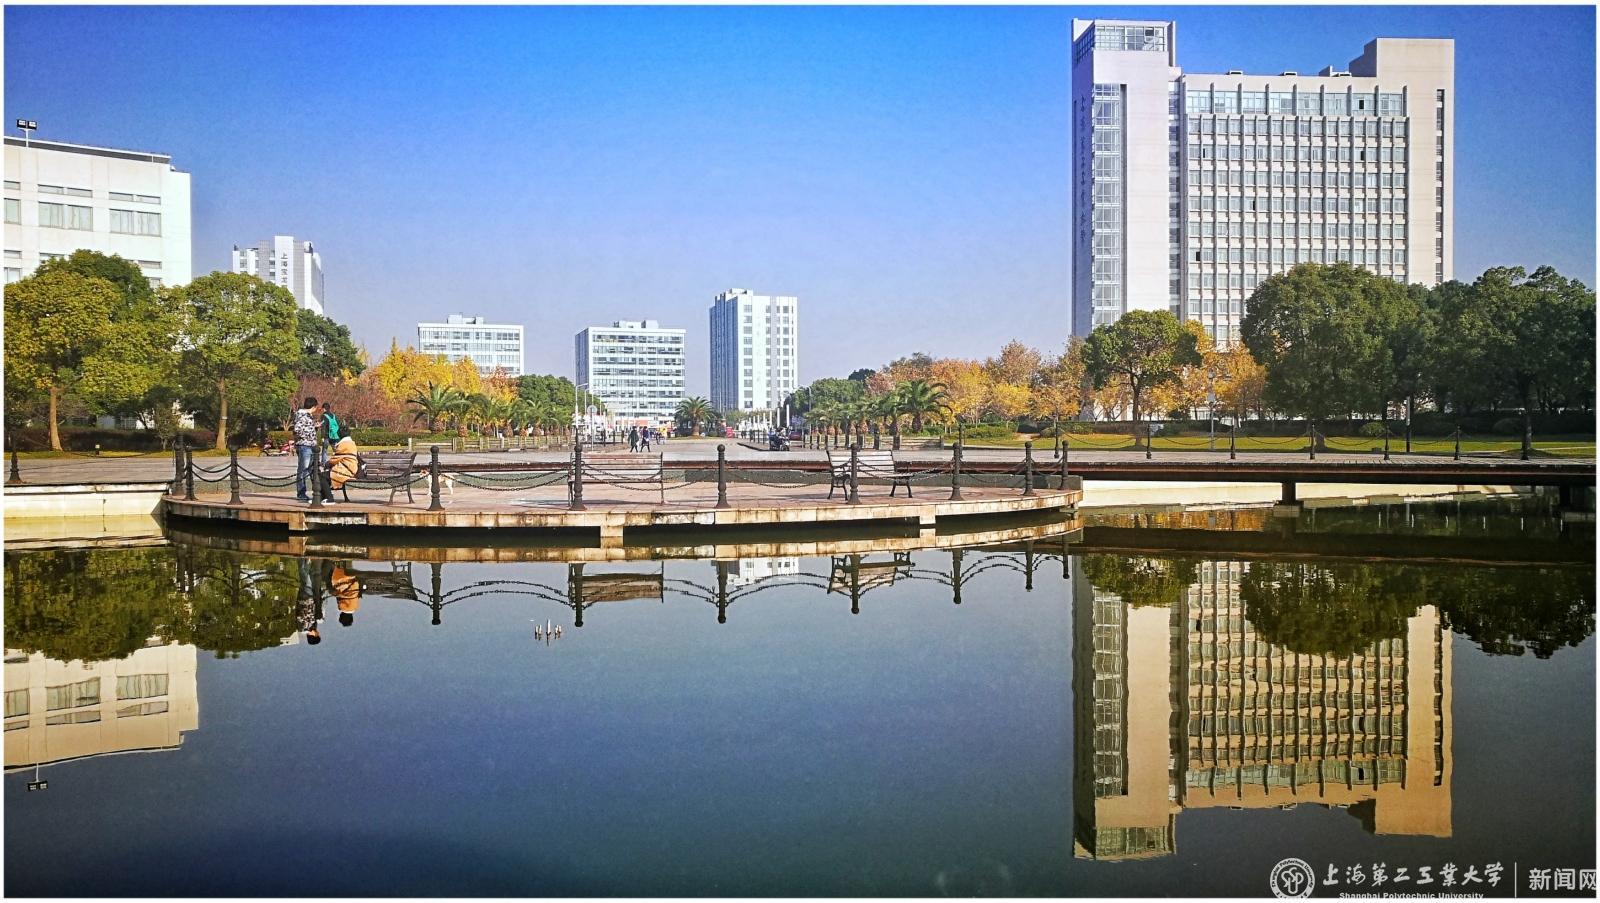 校企携手支持上海集成电路、新能源汽车等产业发展,上海先进热功能材料工程技术研究中心在上海第二工业大学成立